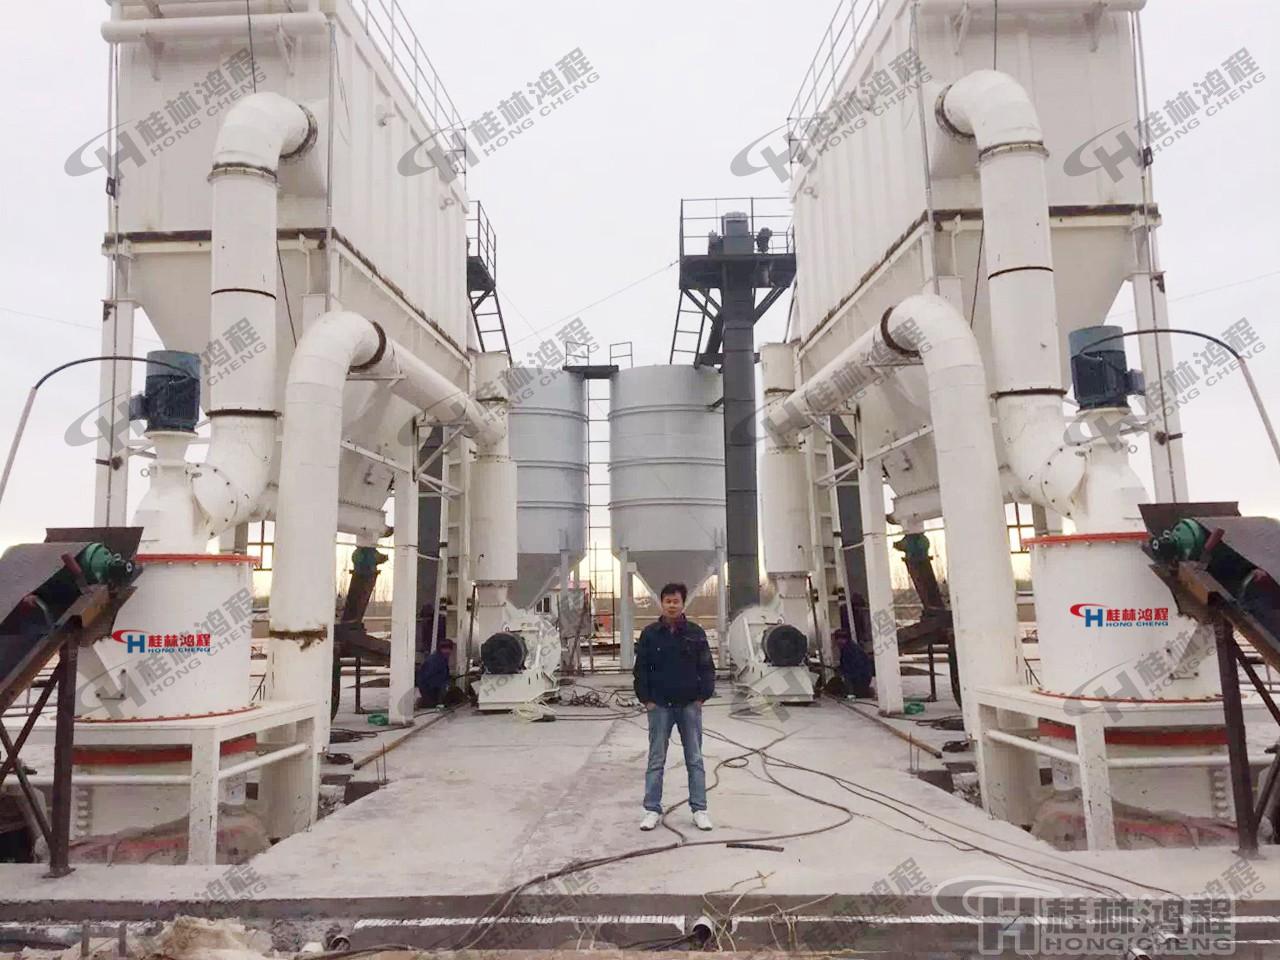 300目石粉磨粉生产线雷蒙磨型号400目~2500目磨粉机设备:HCH超细环辊磨粉机